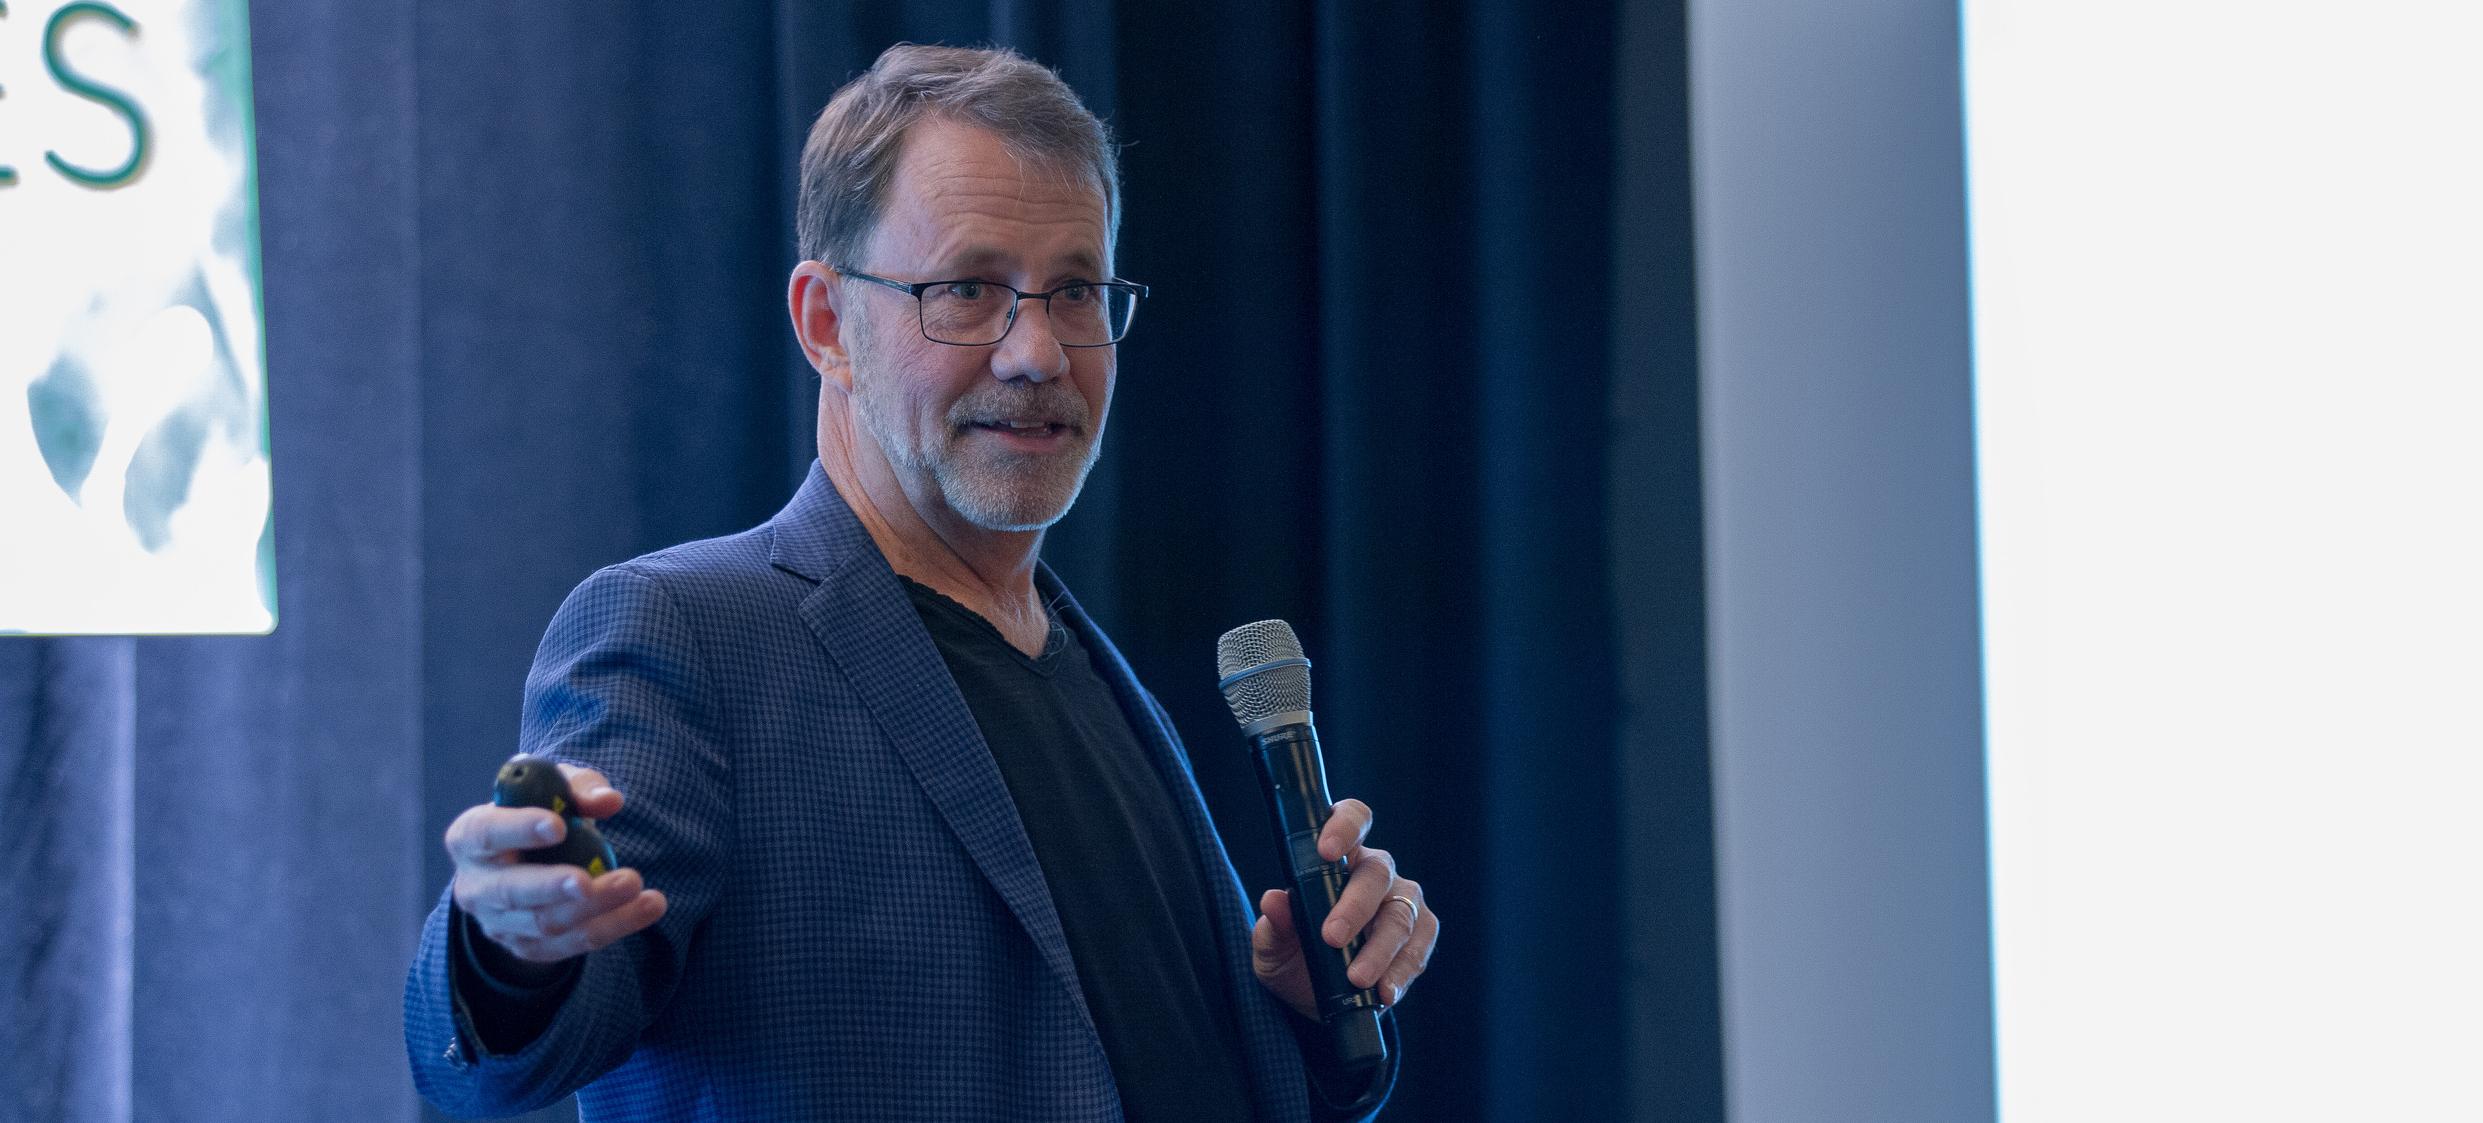 Rex Miller to Speak at WorkSpaces